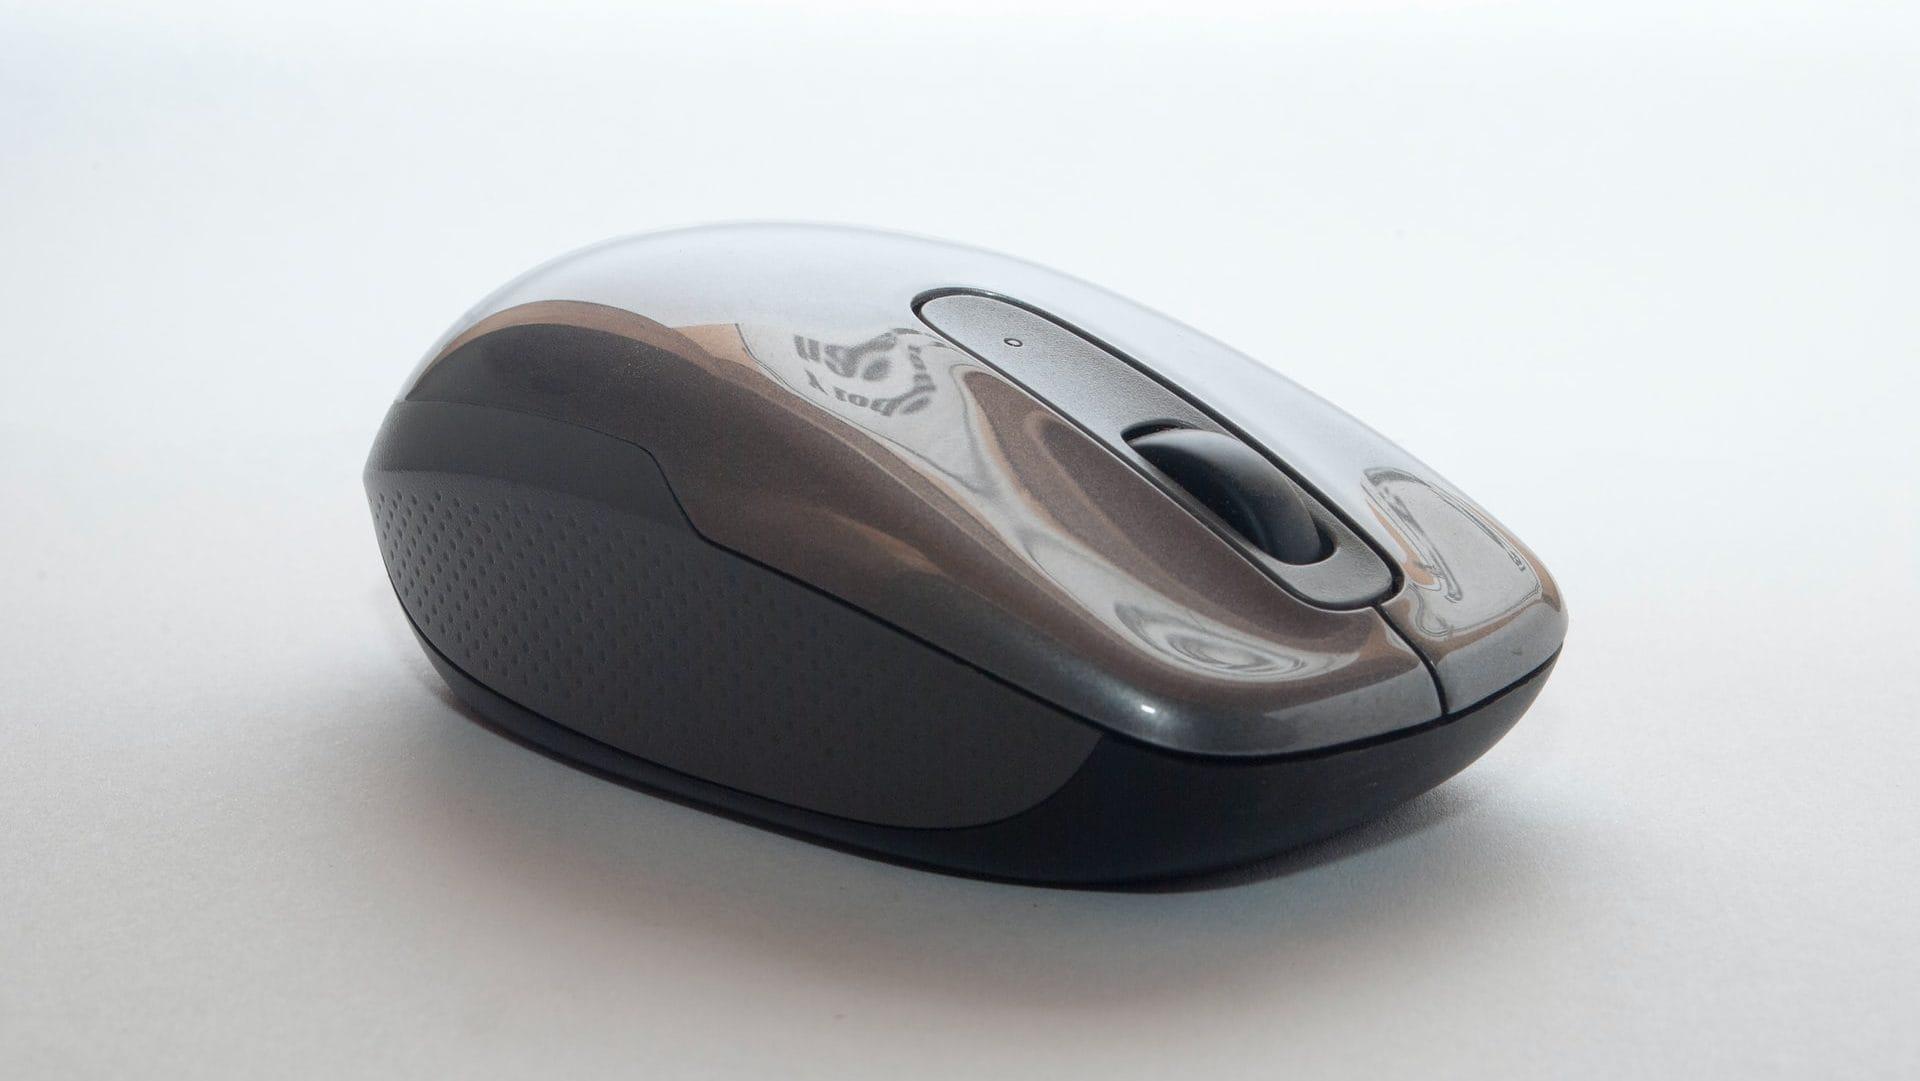 Grijze muis, zij-aanzicht